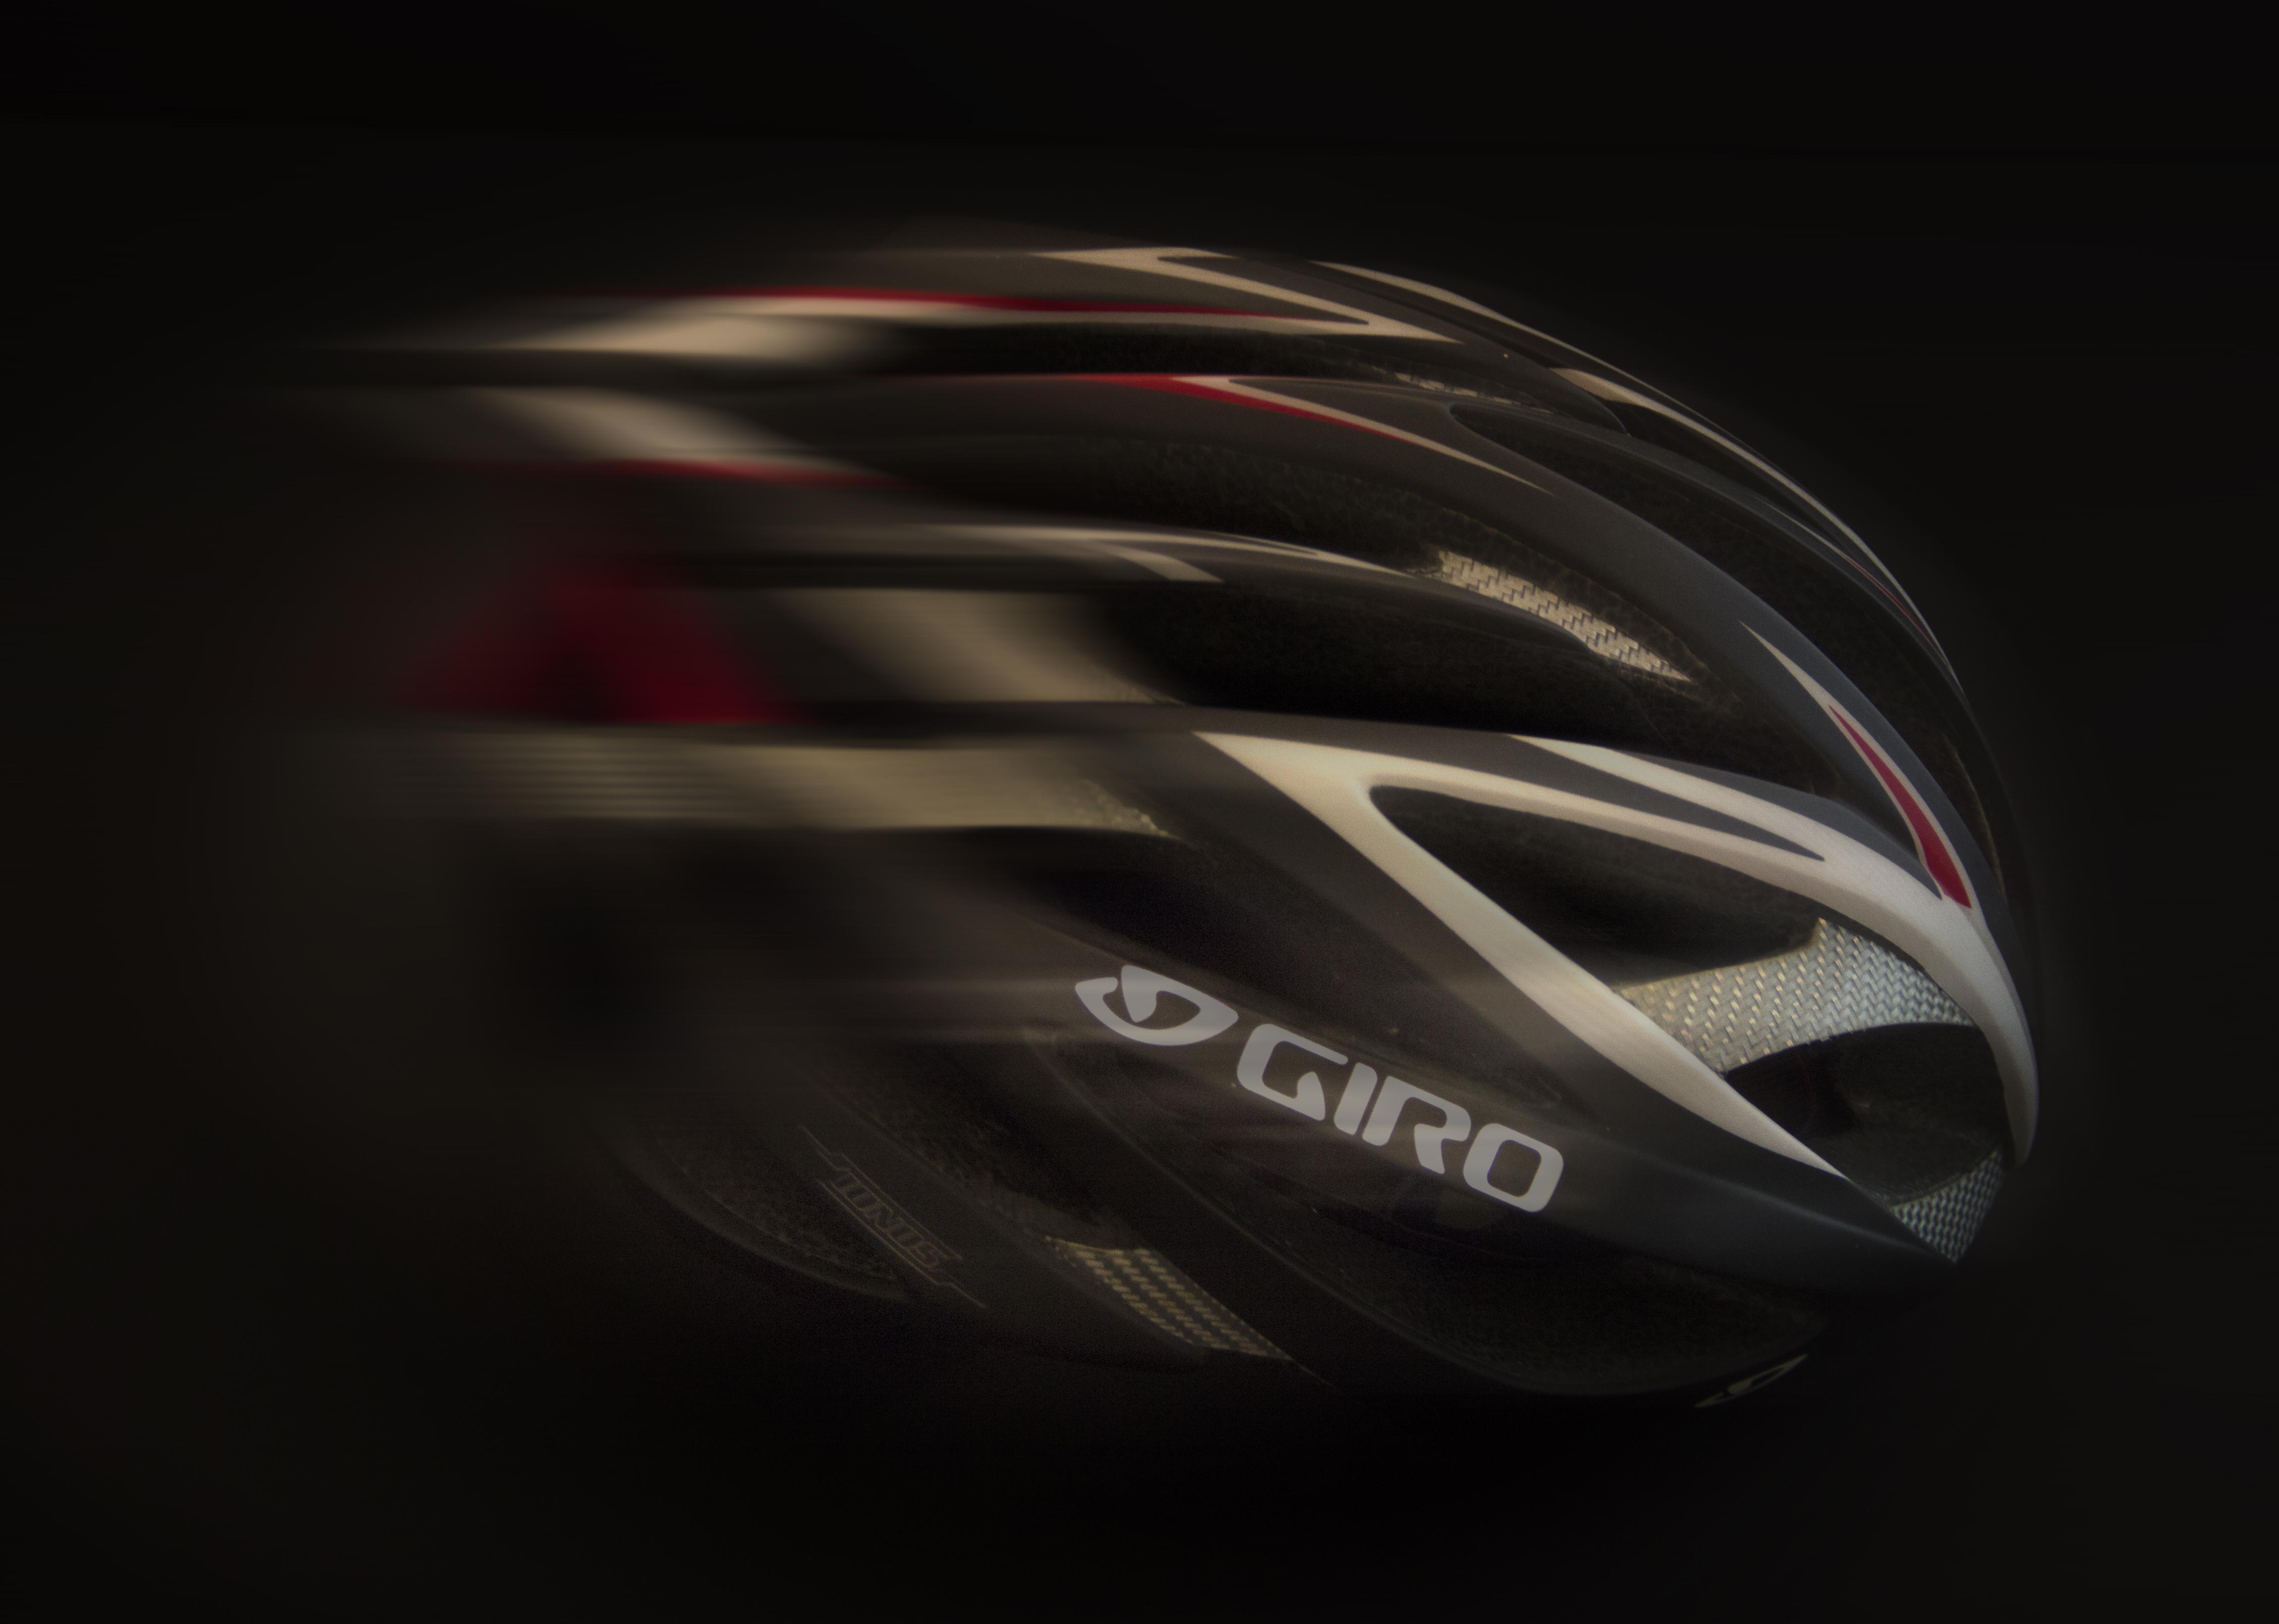 IMG_7180 Giro b